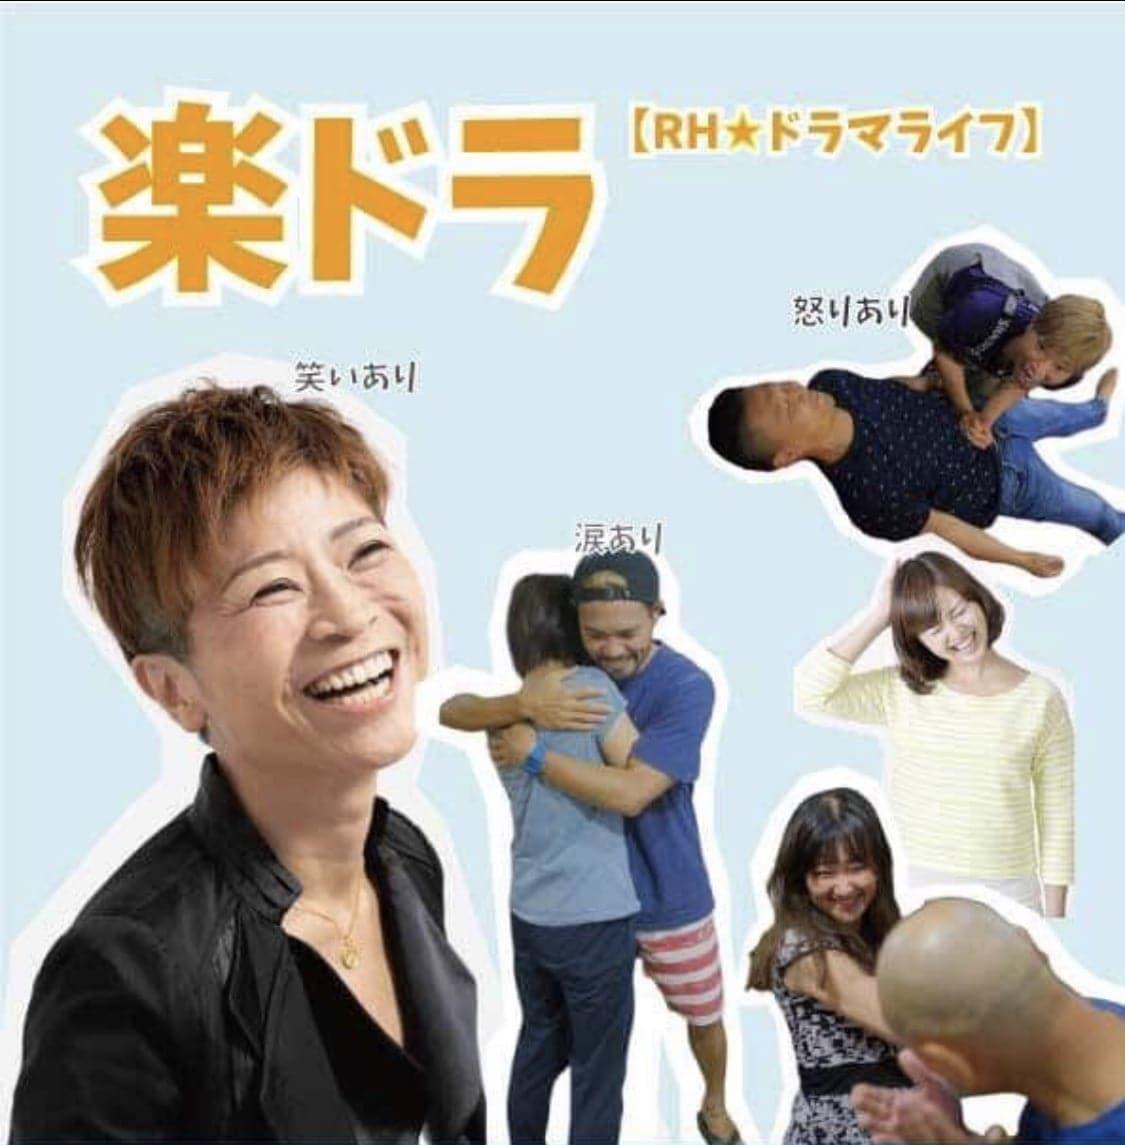 東京都新宿区開催◆RHドラマライフ♡楽ドラin新宿のイメージその1